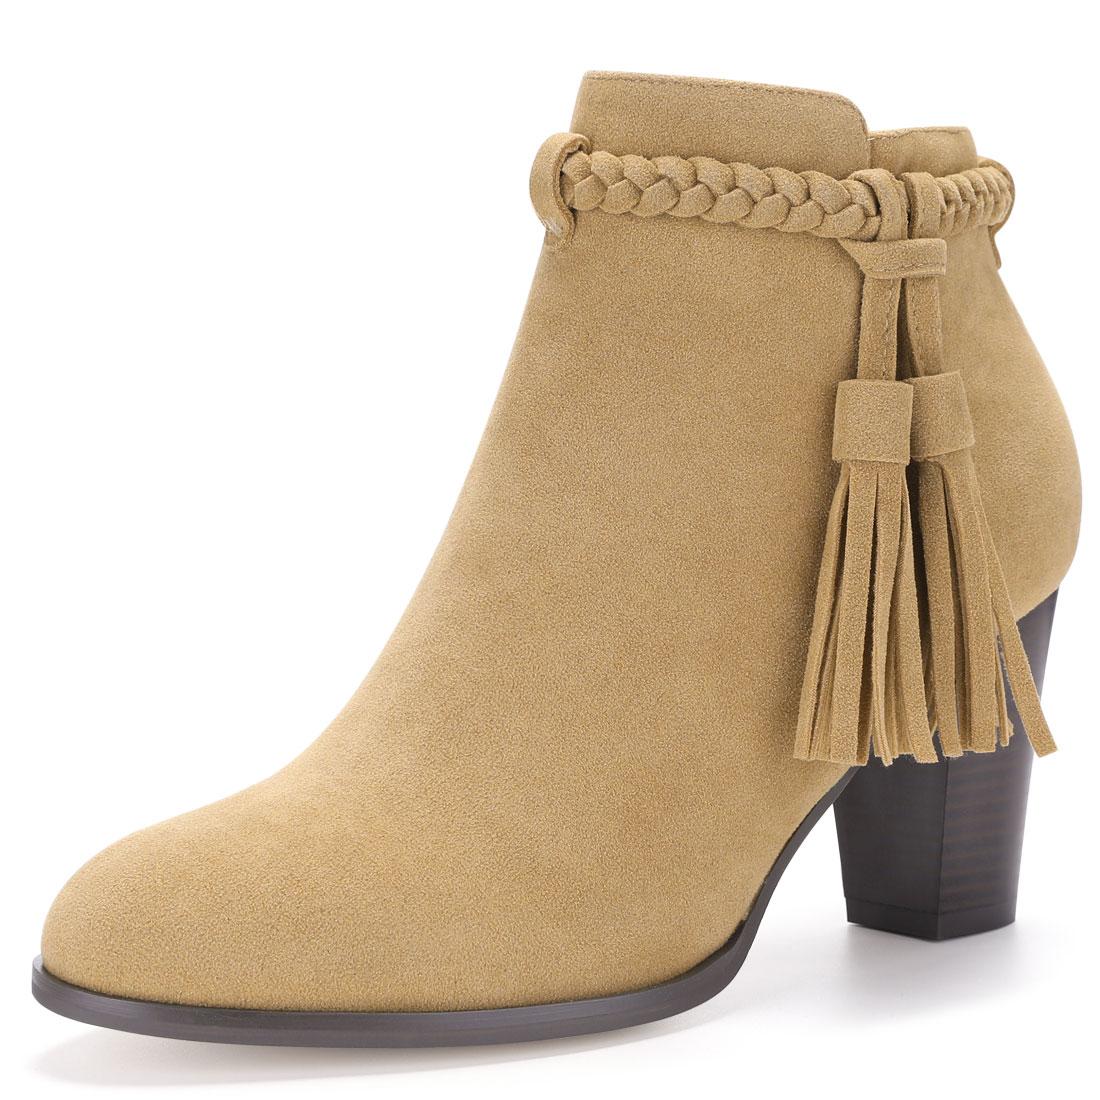 Women Round Toe Braided Tassel Strap Block Heel Booties Brown US 8